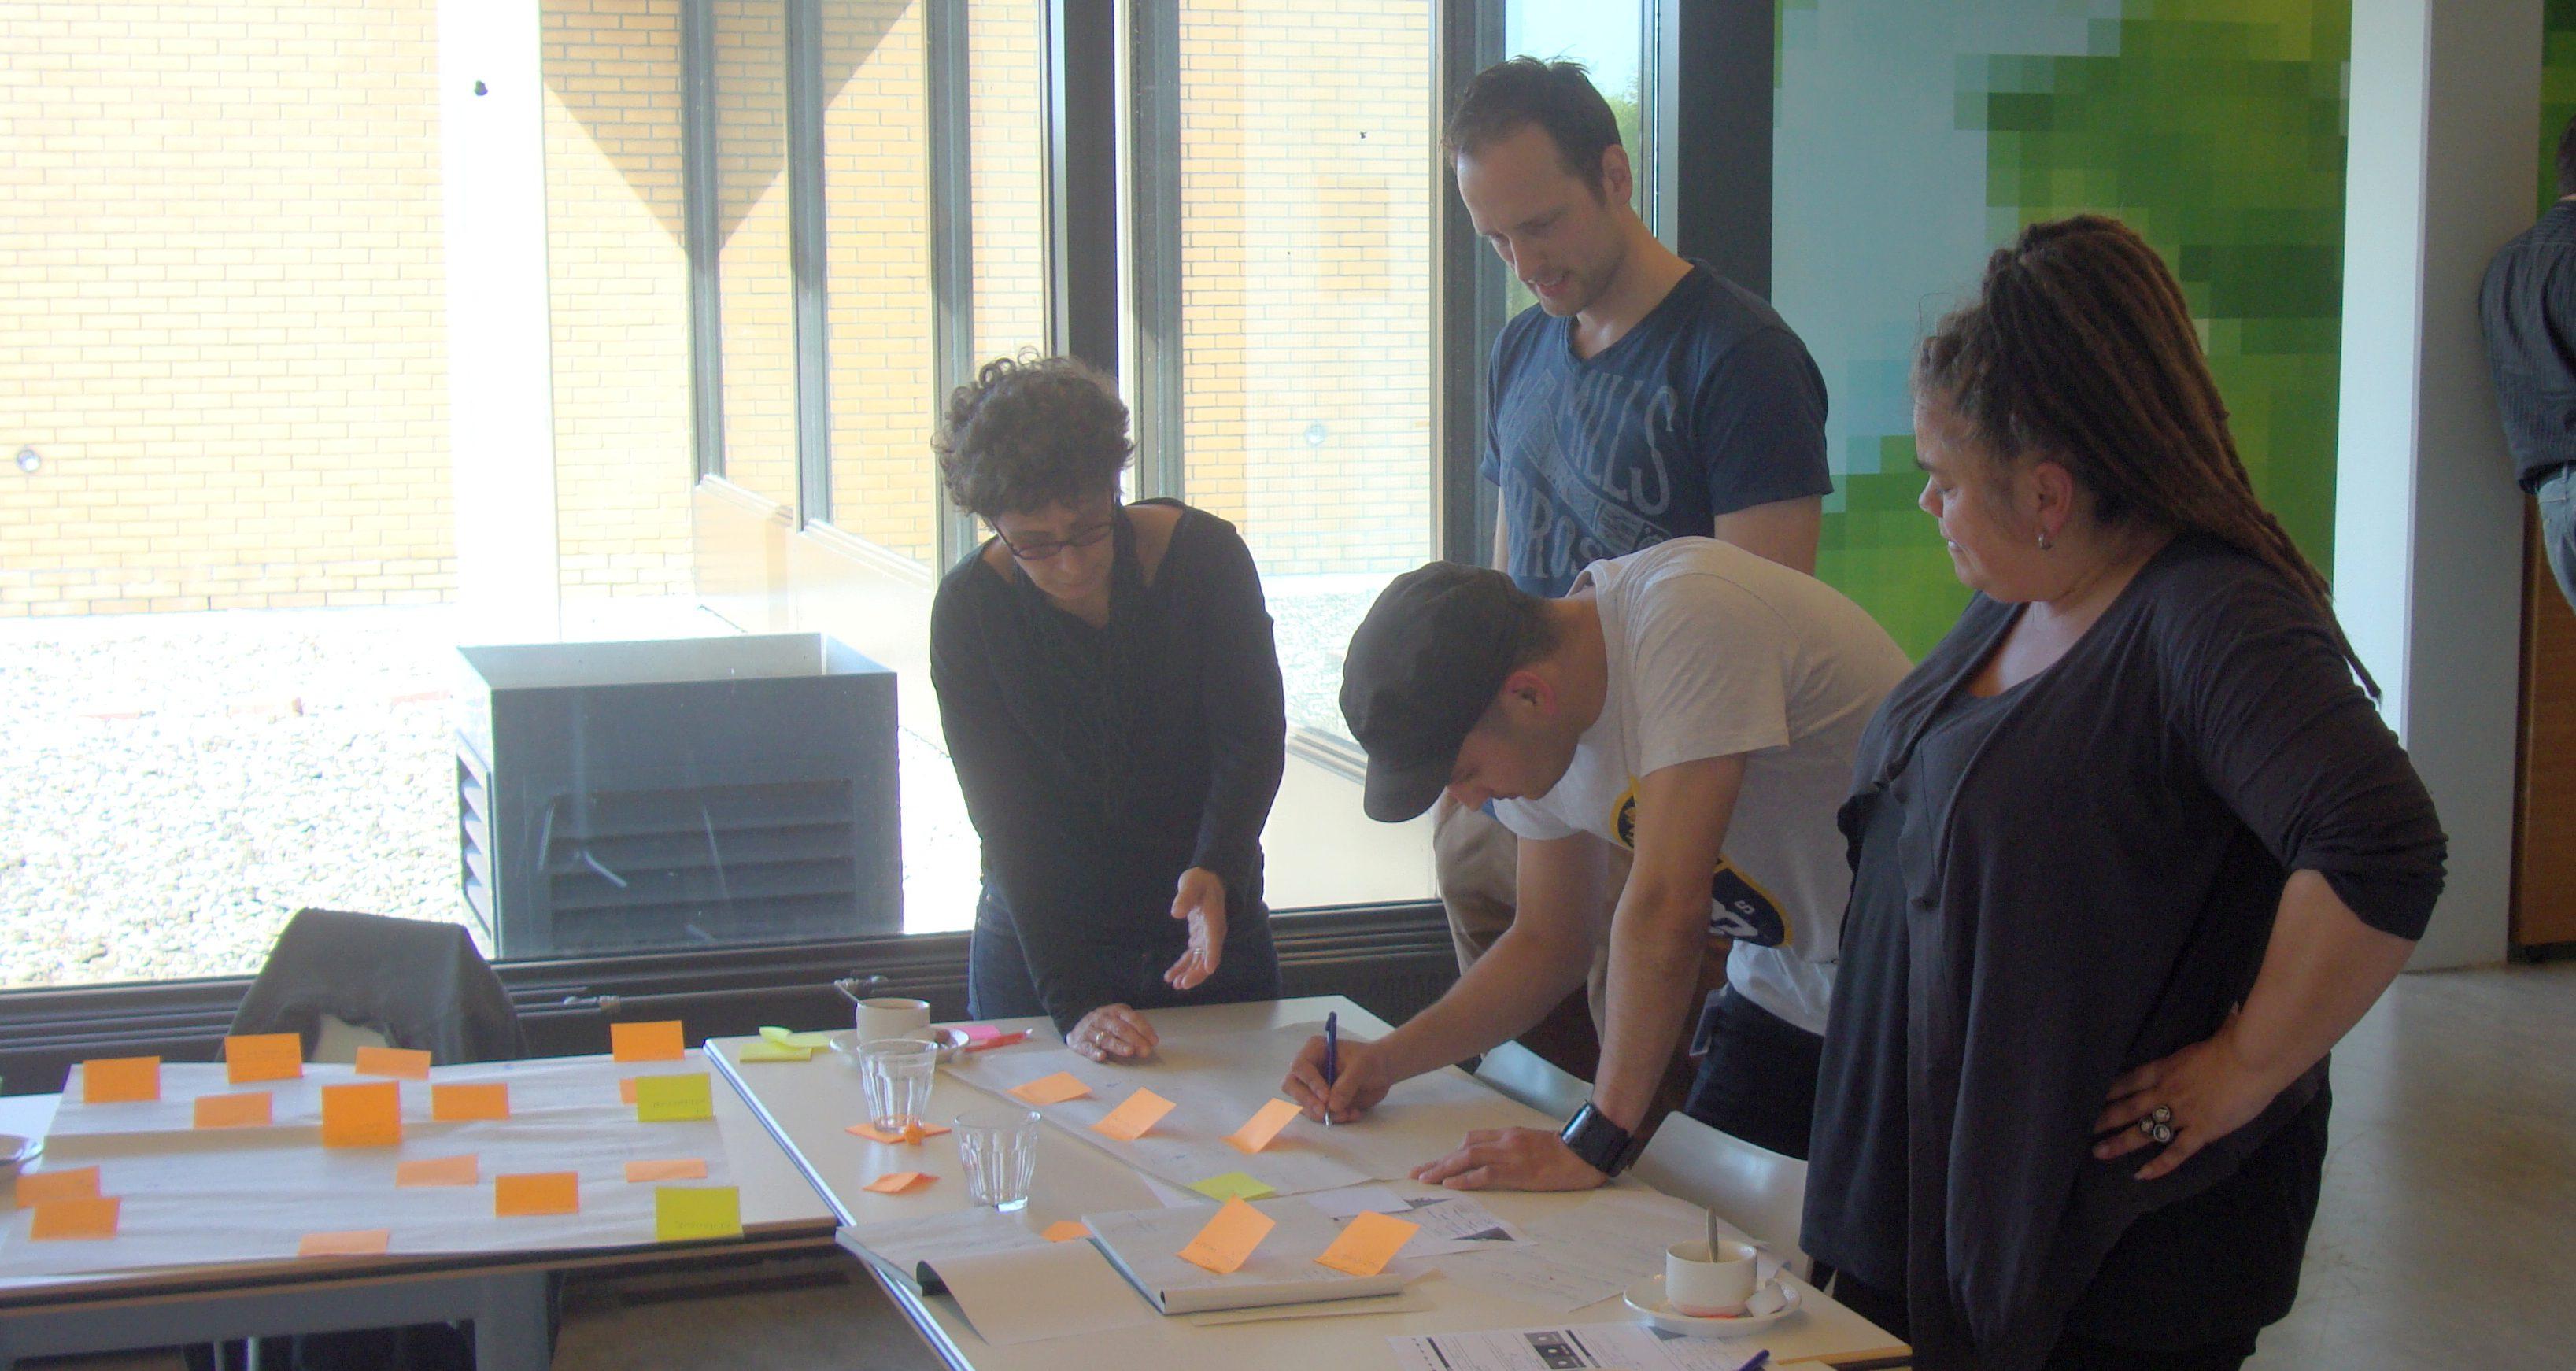 Vier deelnemers van een workshop buigen zich over een opdracht.